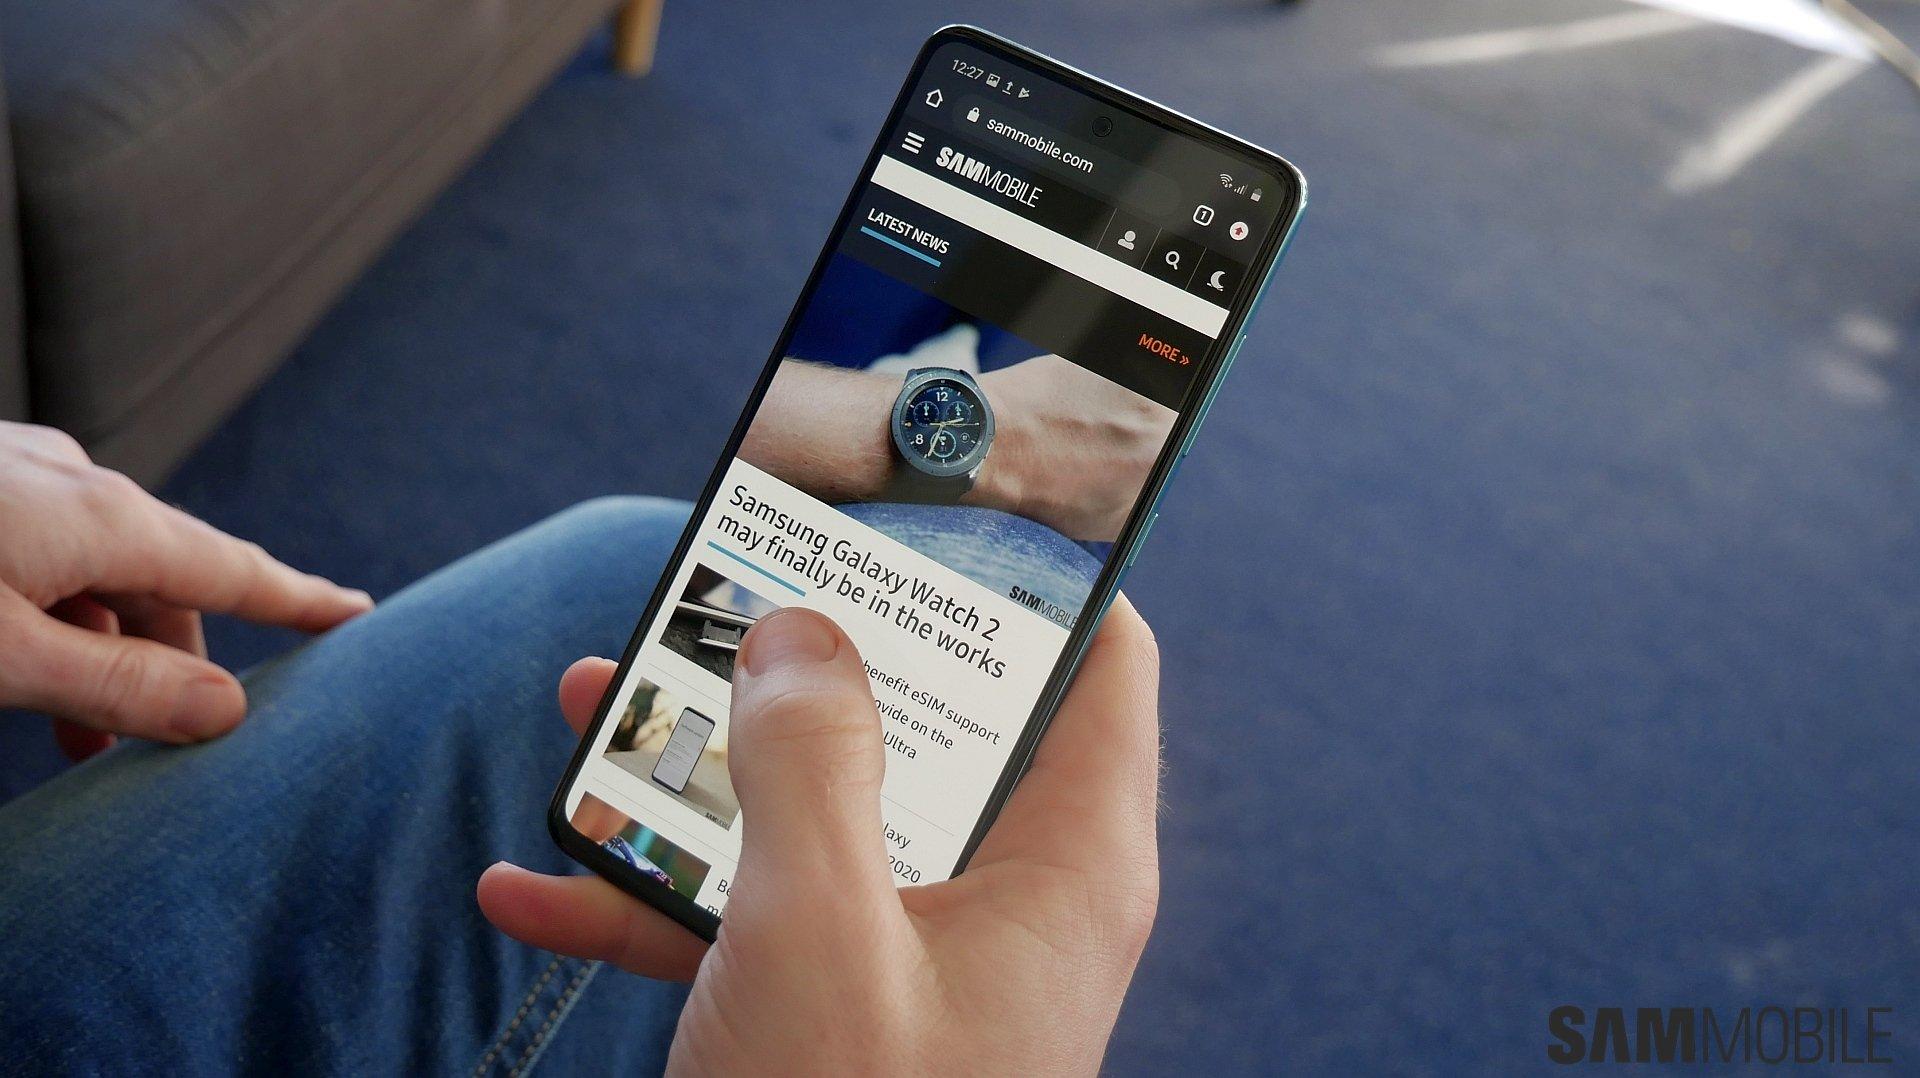 Samsung Galaxy Đánh giá A51: Hoàn hảo trong thực tế của chính nó 2